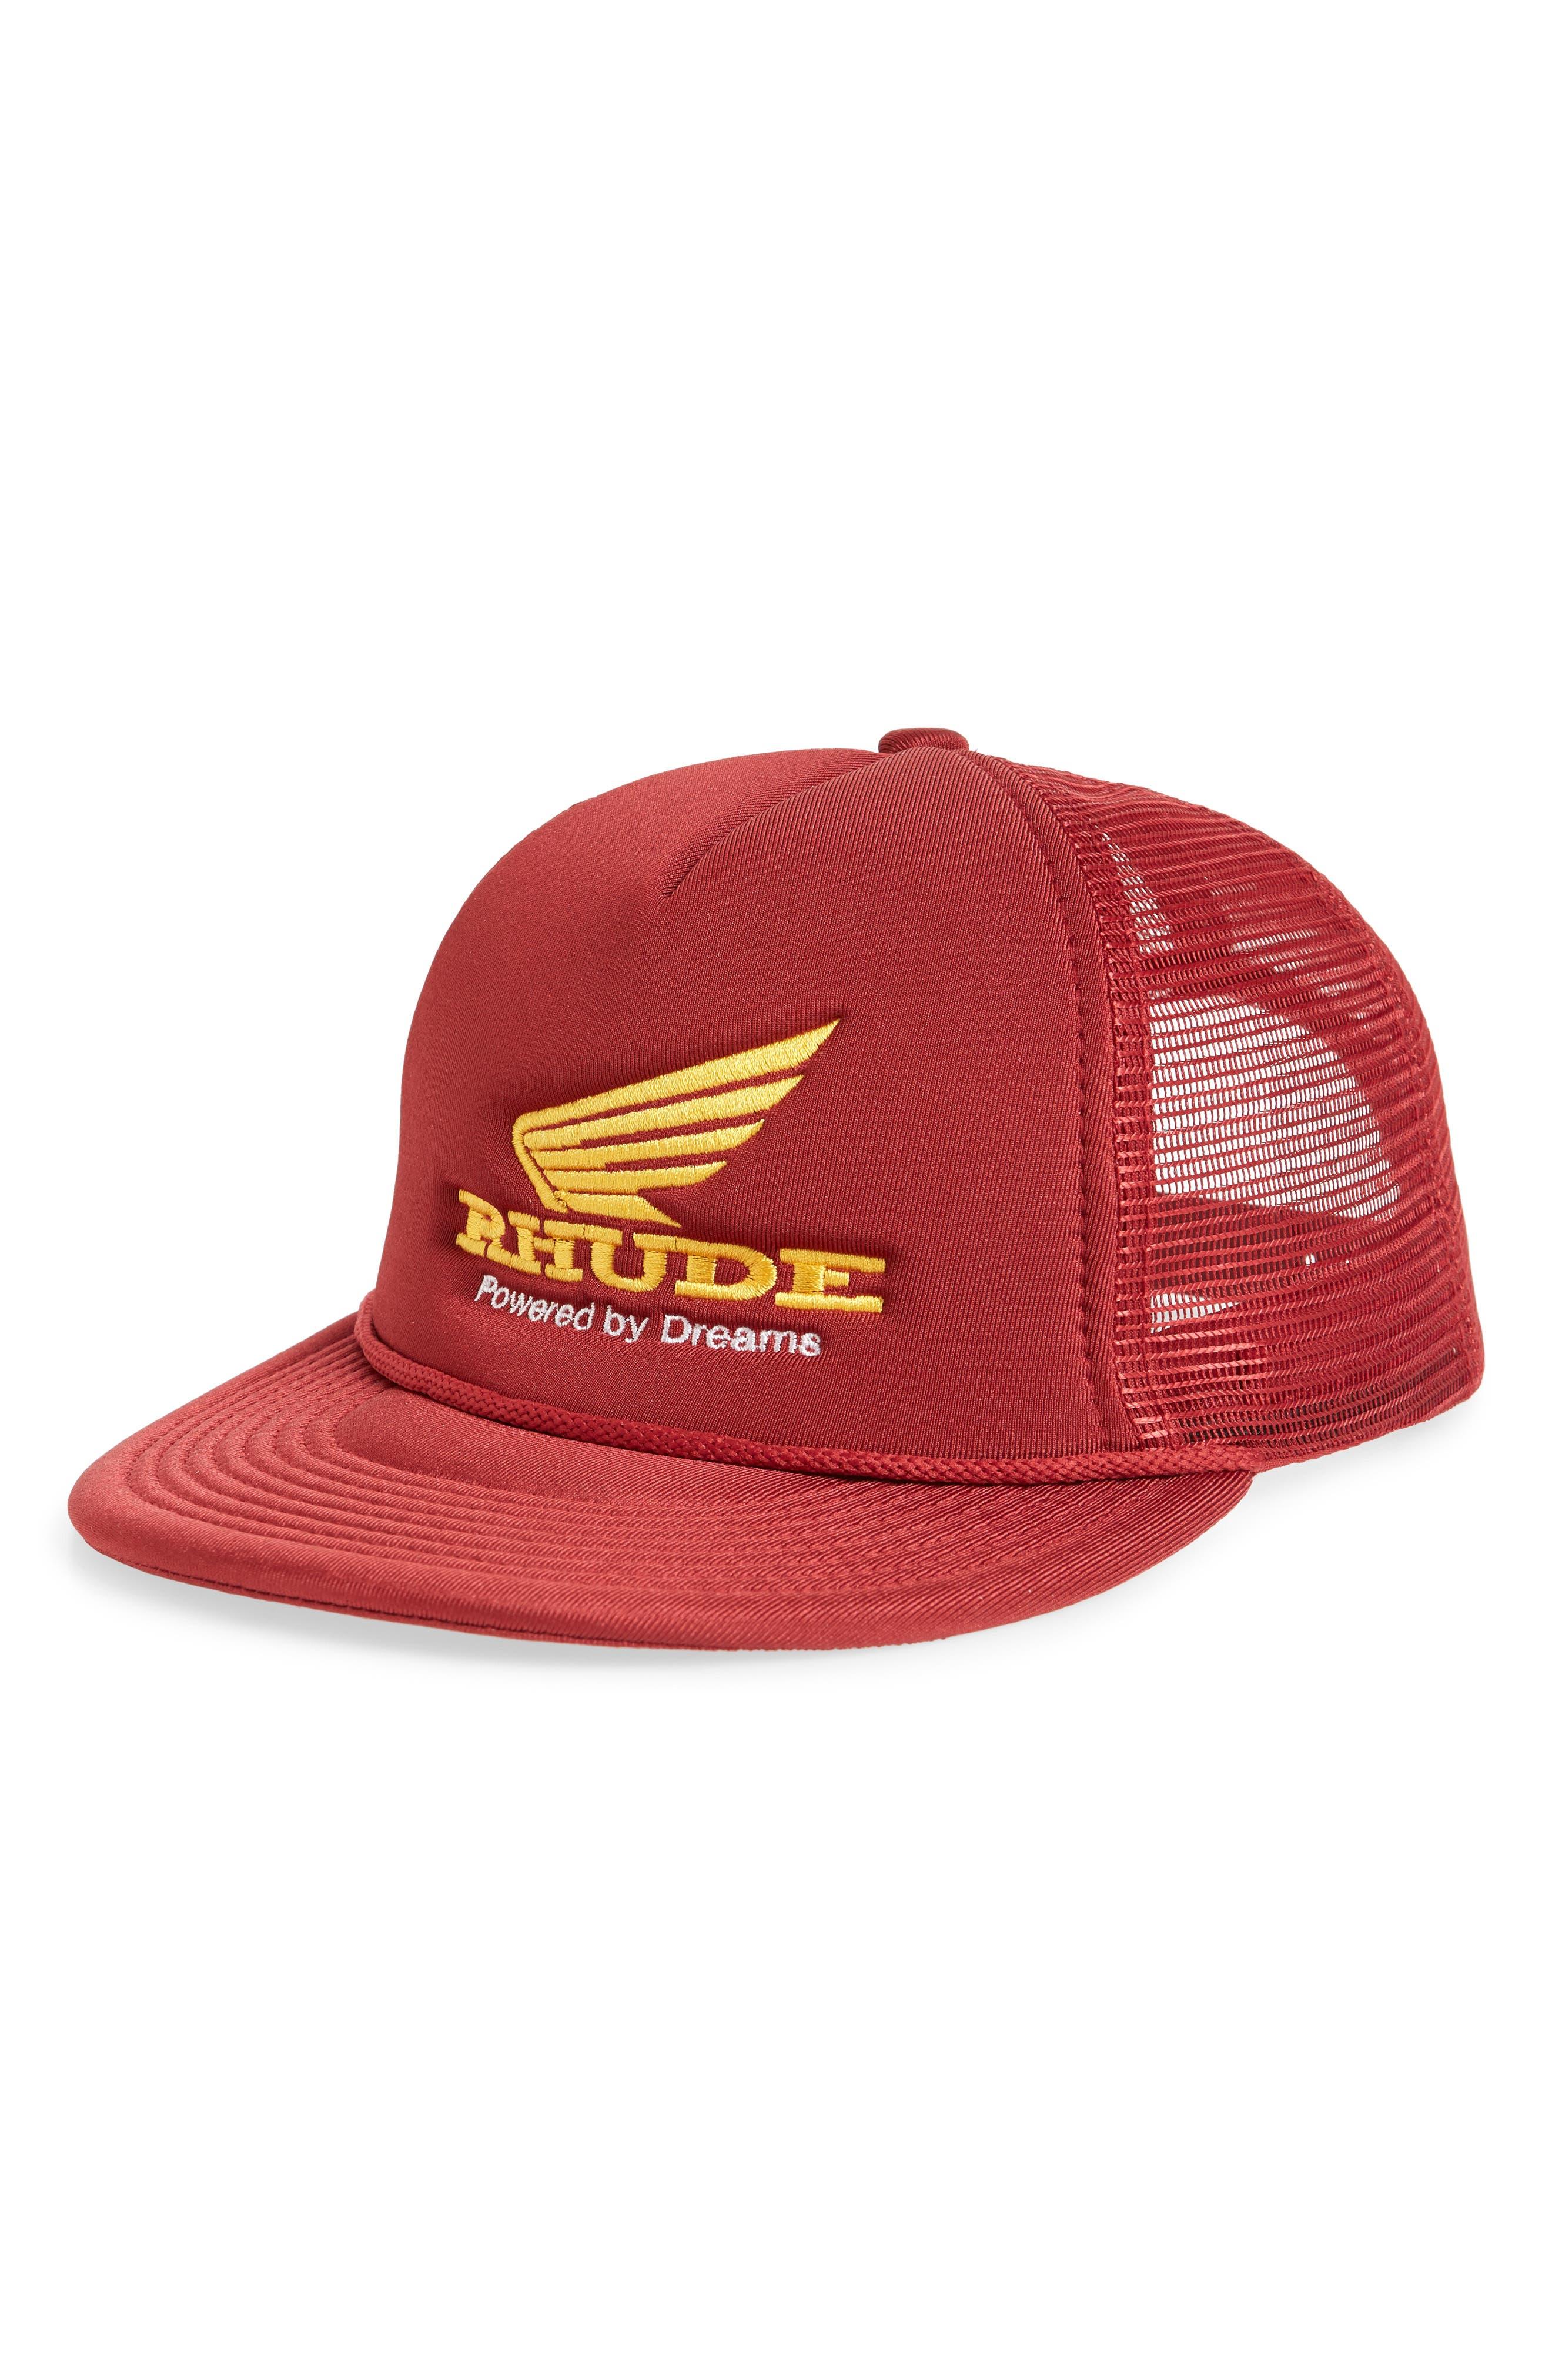 18e651e7 Men's Hats, Hats for Men   Nordstrom